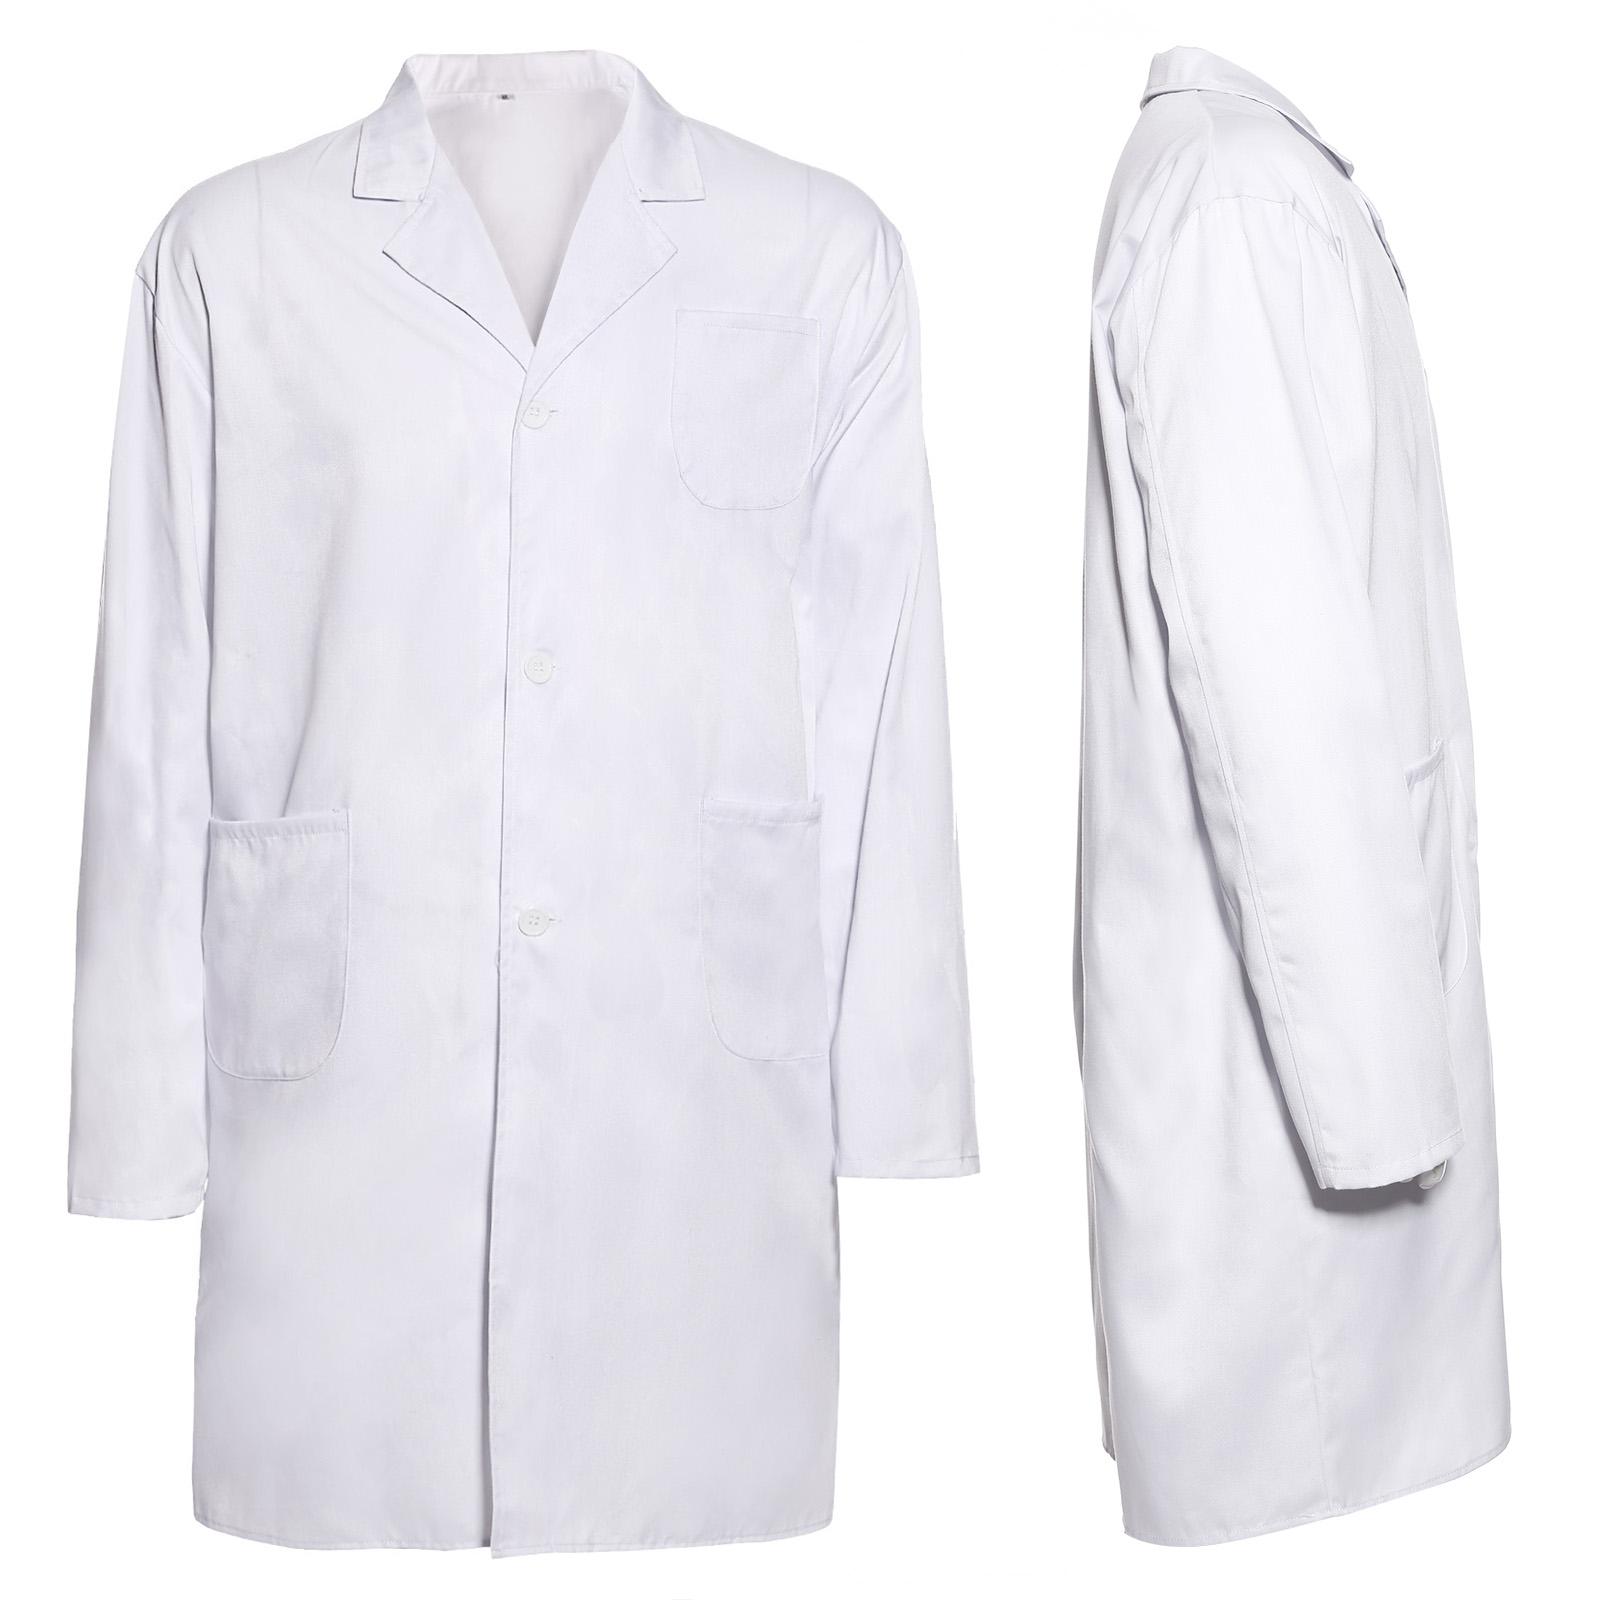 White Lab Coat Jacket Doctor Hospital Warehouse Food